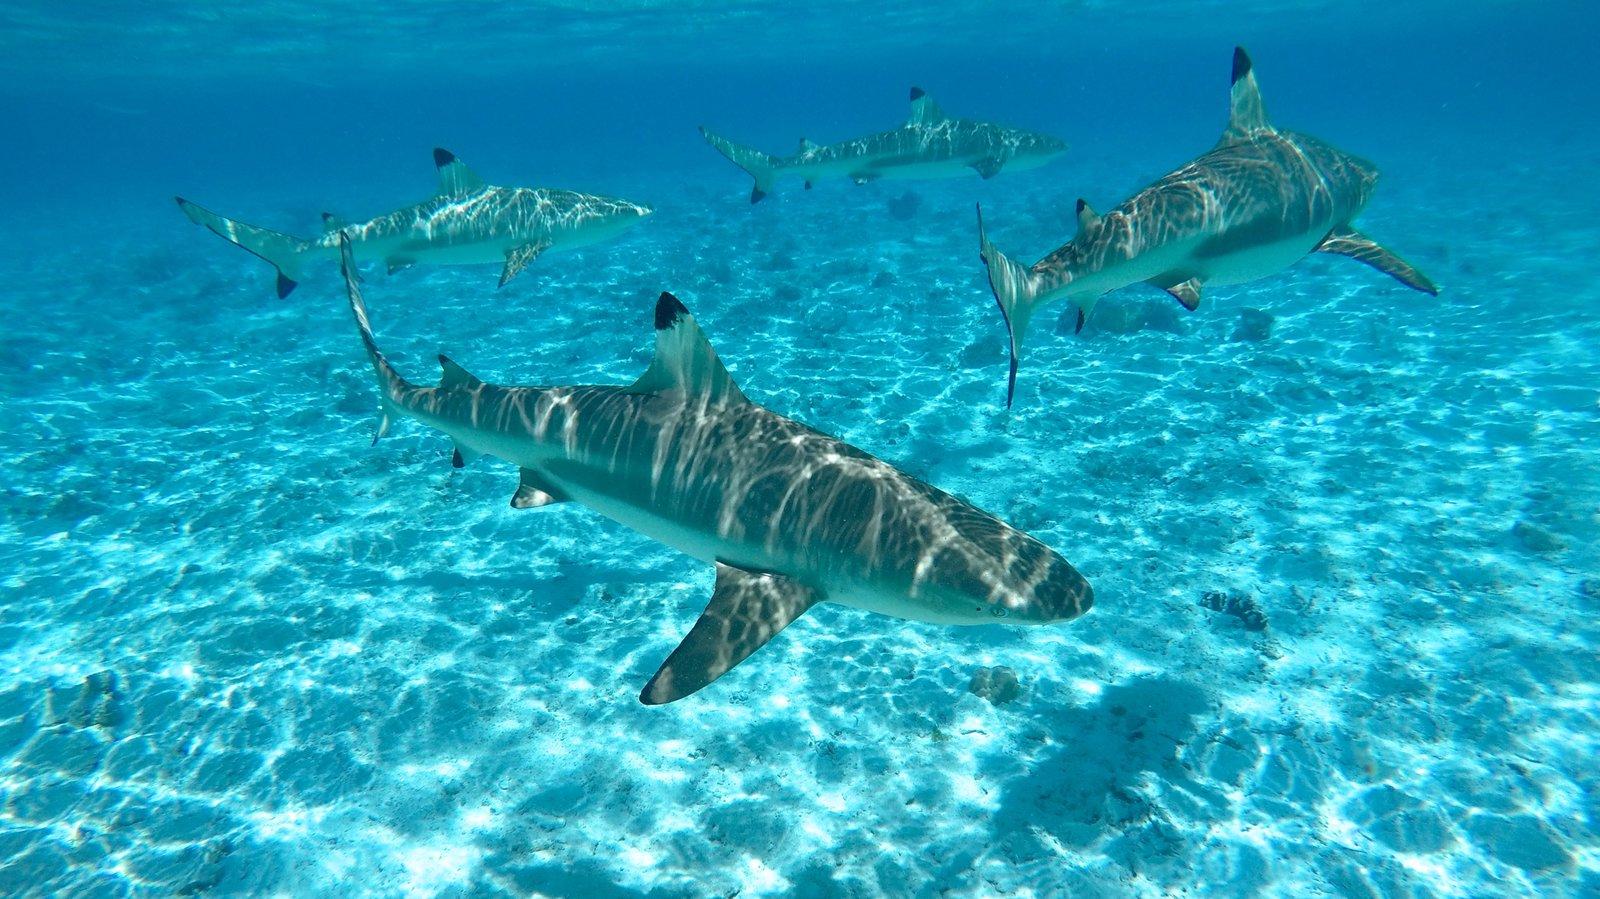 Bora Bora which includes marine life